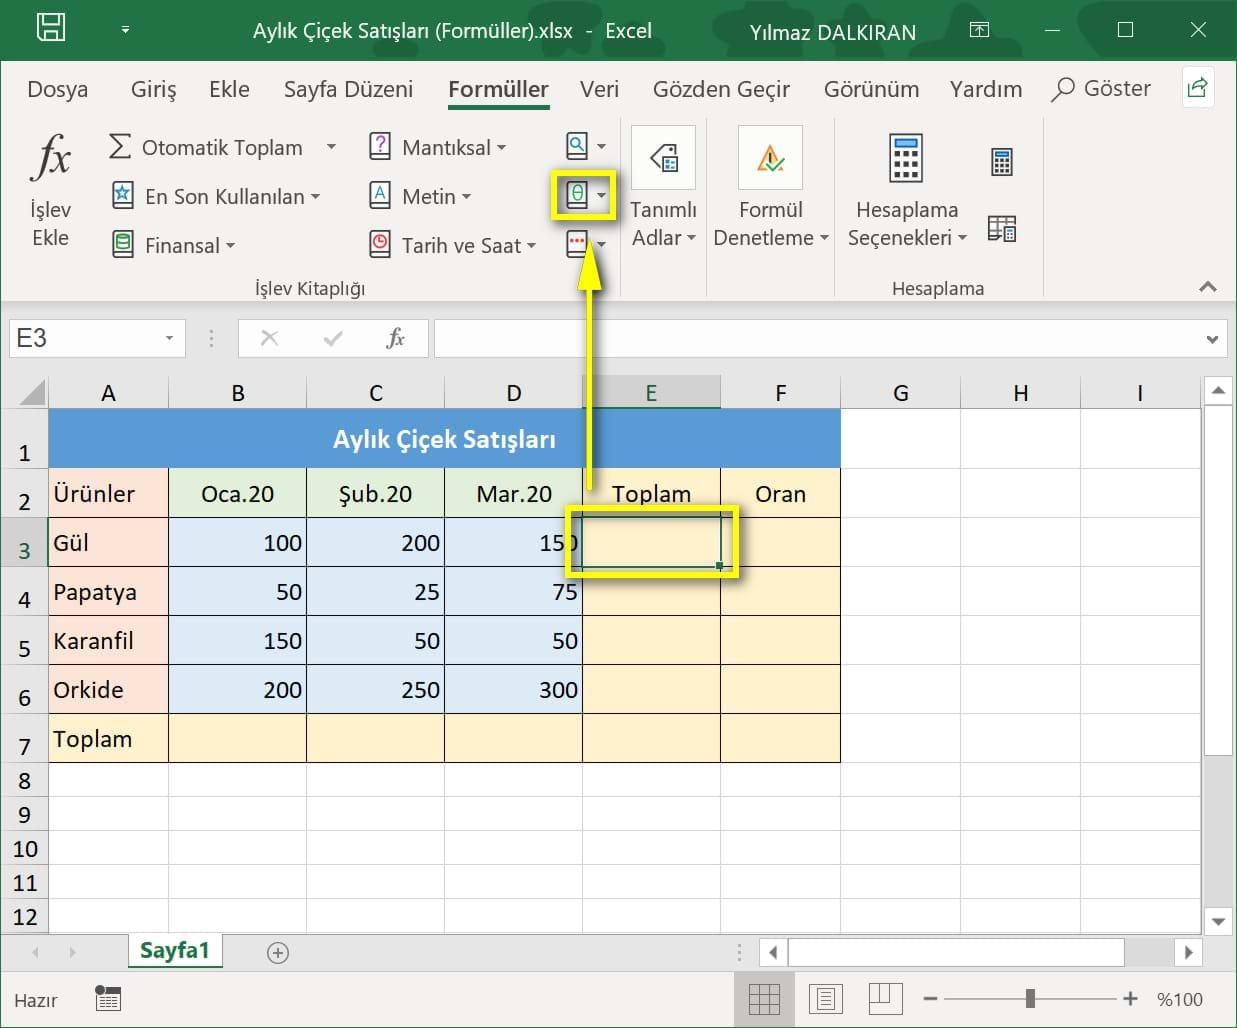 Topla Formülü Ve Otomatik Toplam Temel Düzey Excel Dersleri